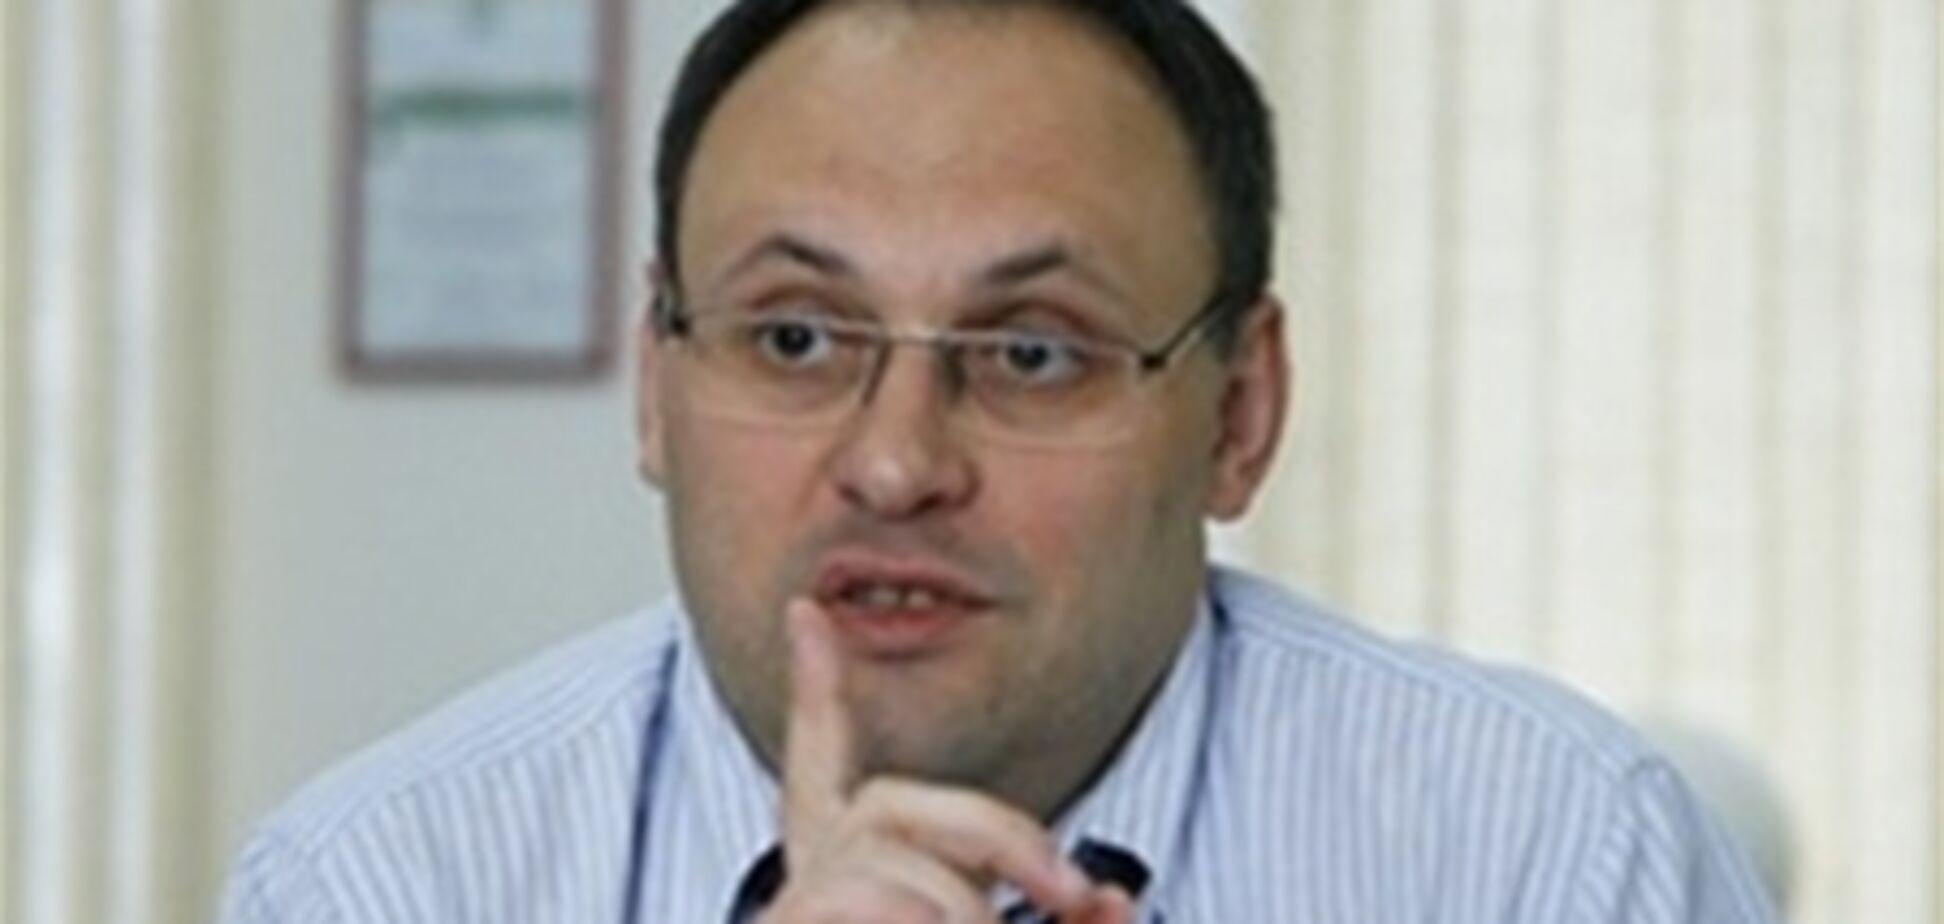 Каськив говорит, что ему просто необходимо сидеть на двух стульях